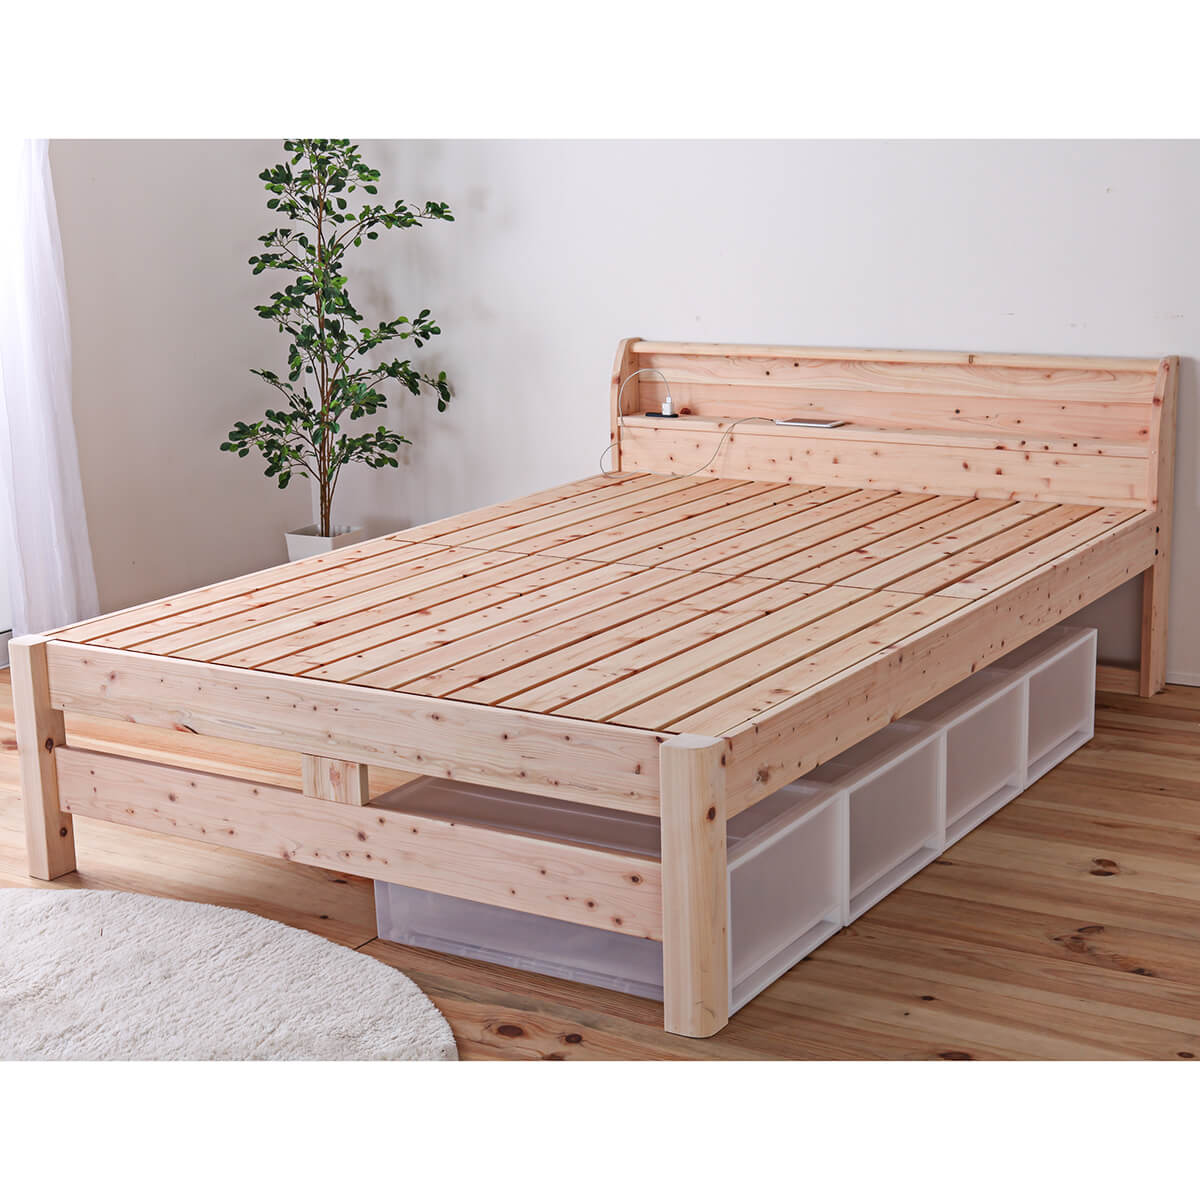 すのこベッド 檜 国産ひのきを使った頑丈すのこベッド  シングル セミダブル ダブル